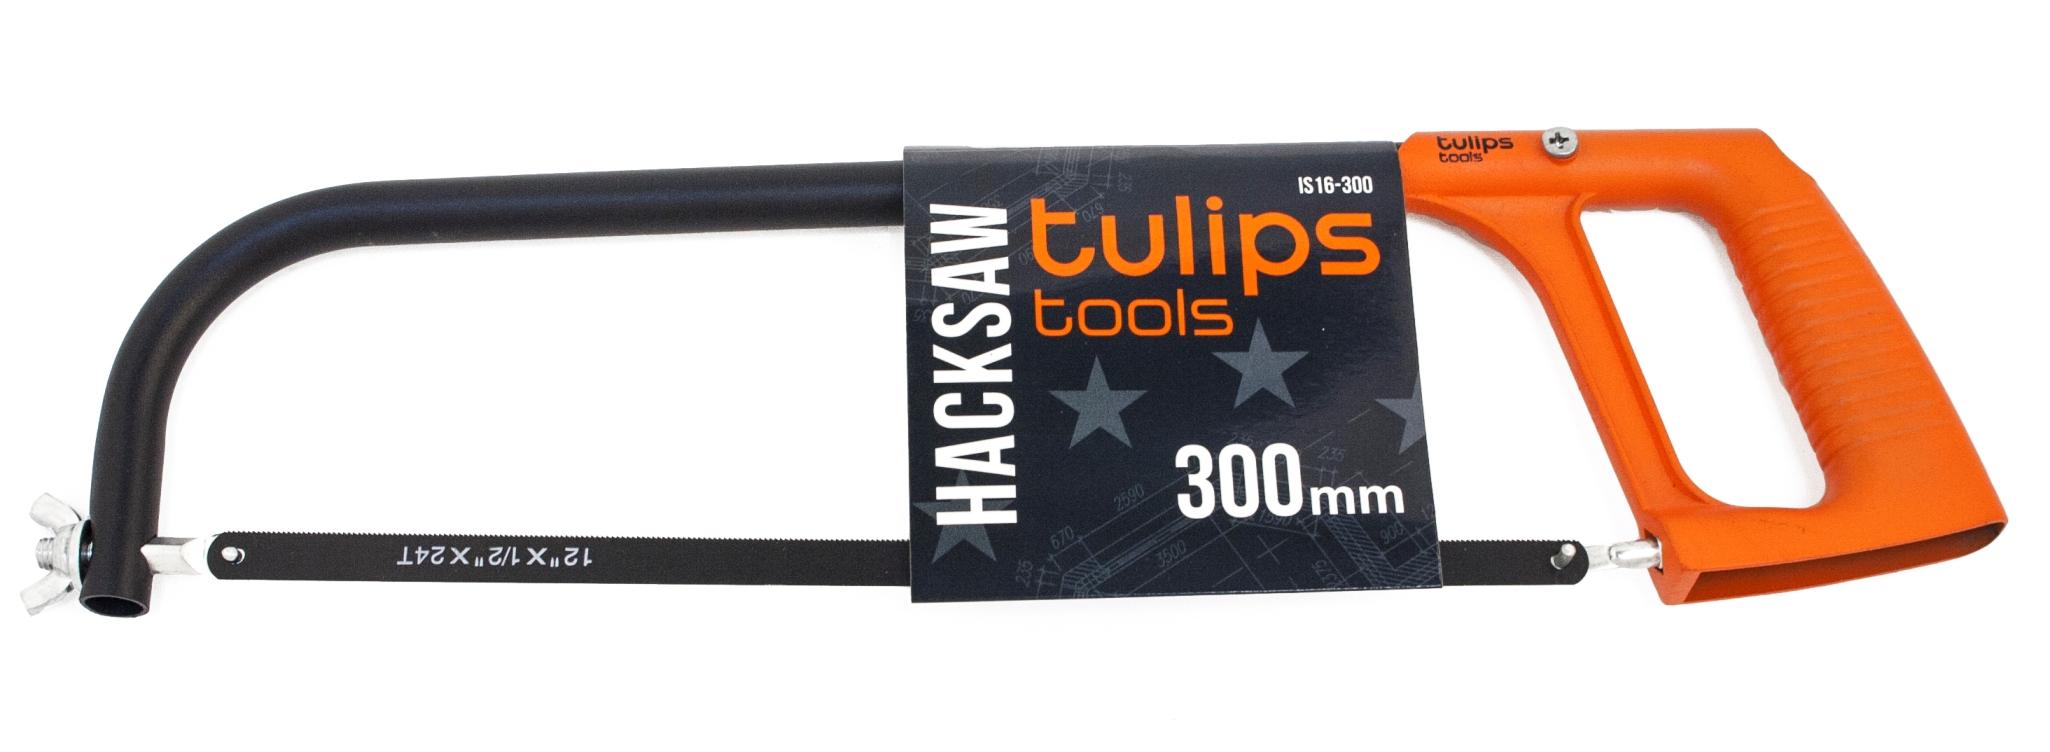 Ножовка по металлу Tulips tools